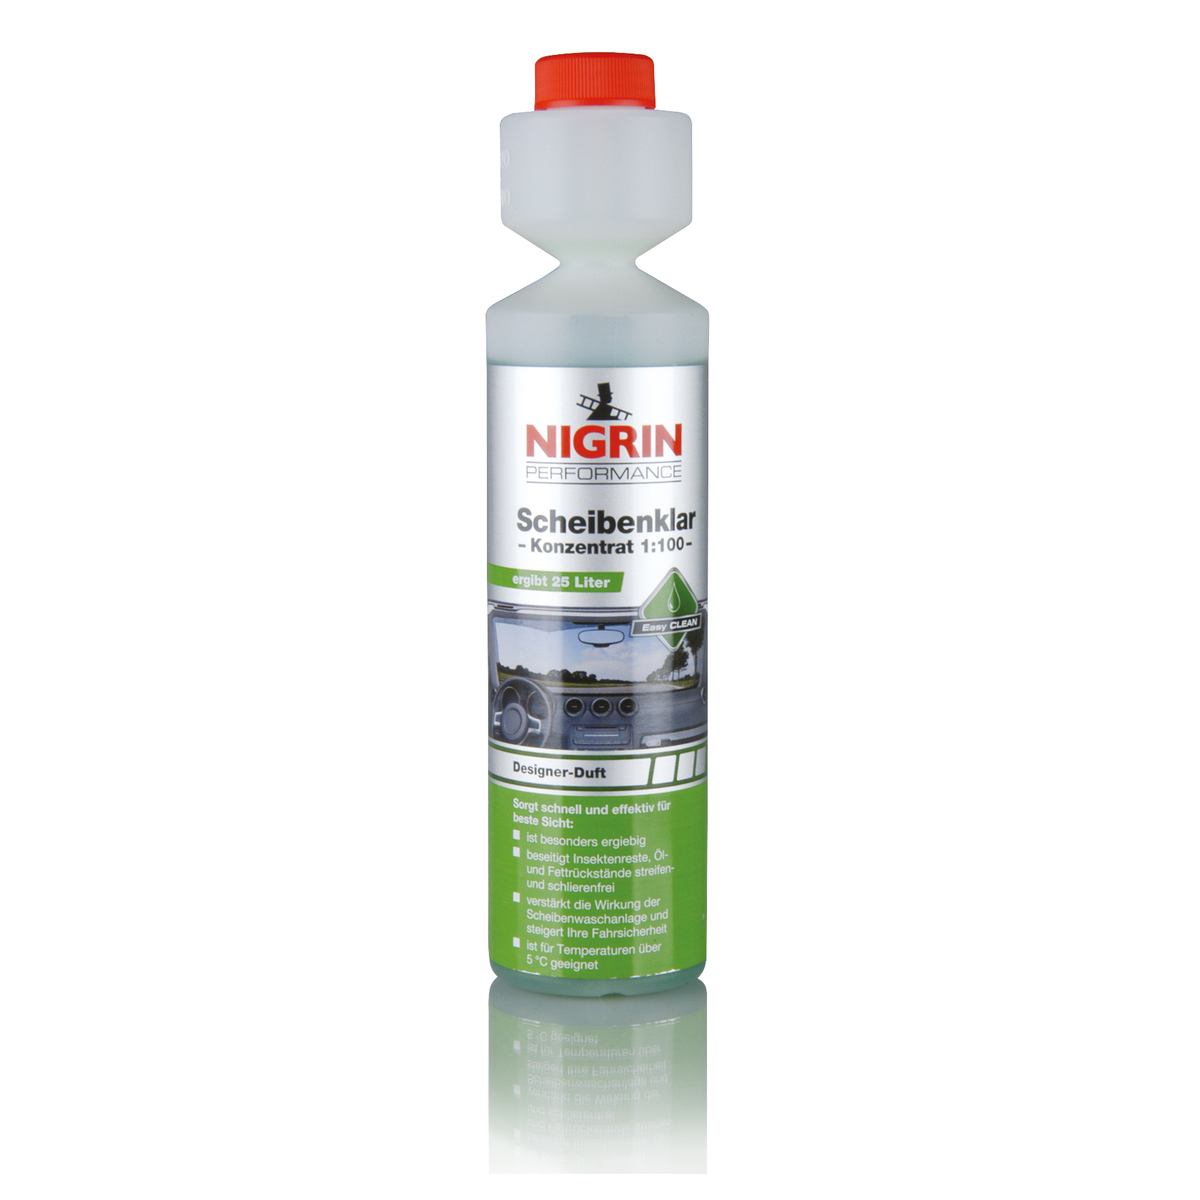 德國麗潔靈擋風玻璃超濃縮清潔液 (250ml)